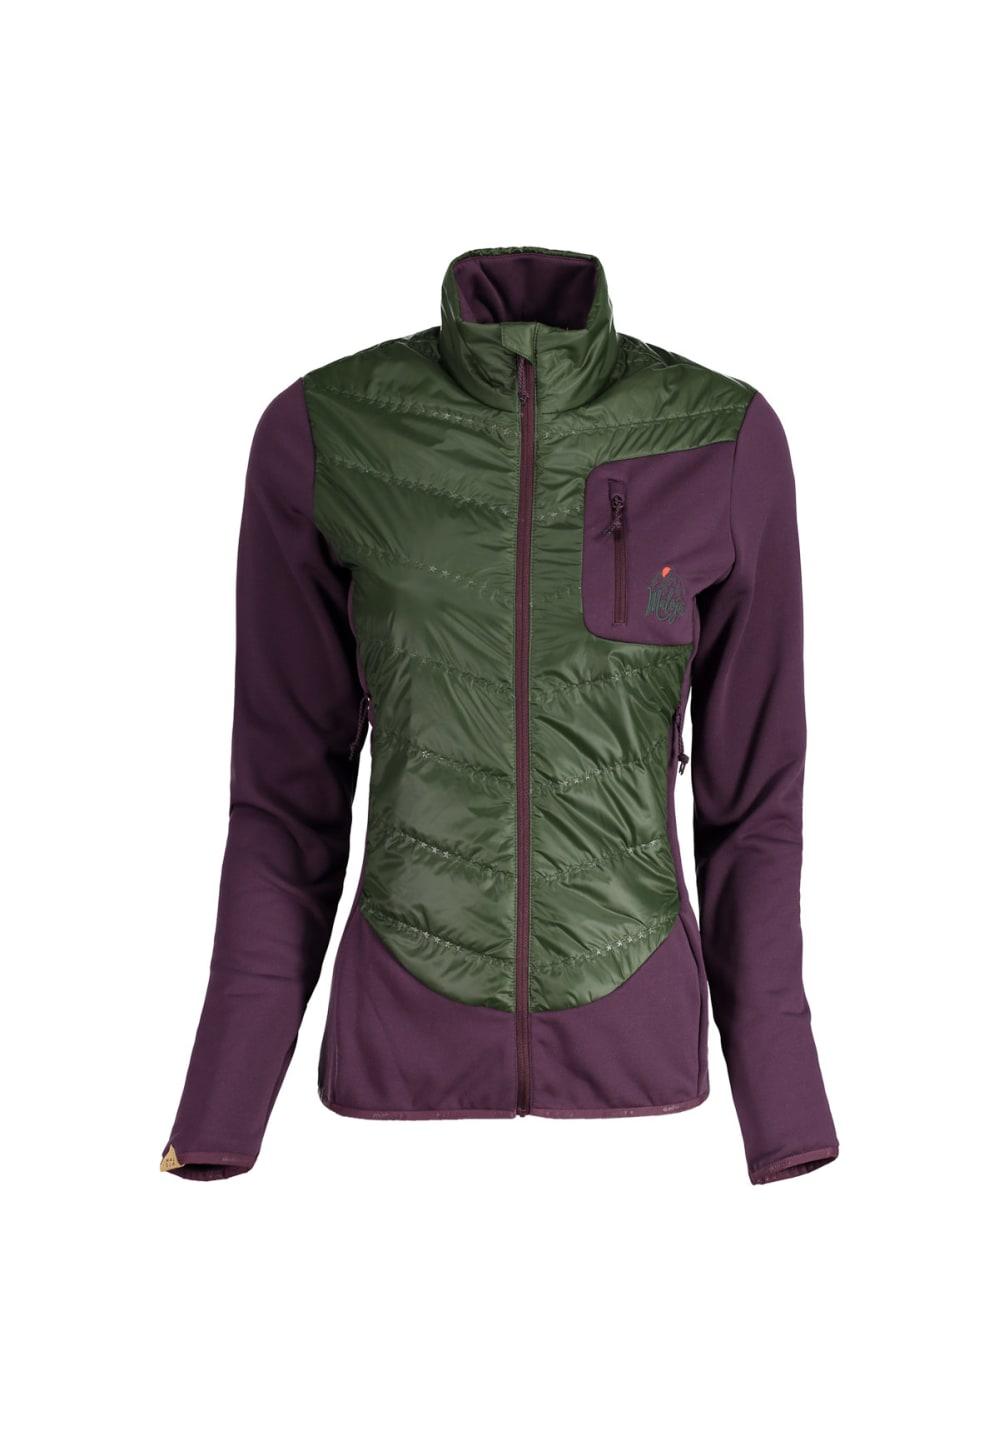 Maloja SiegsdorfM. Hybrid Jacket - Freizeitbekleidung für Damen - Lila, Gr. L